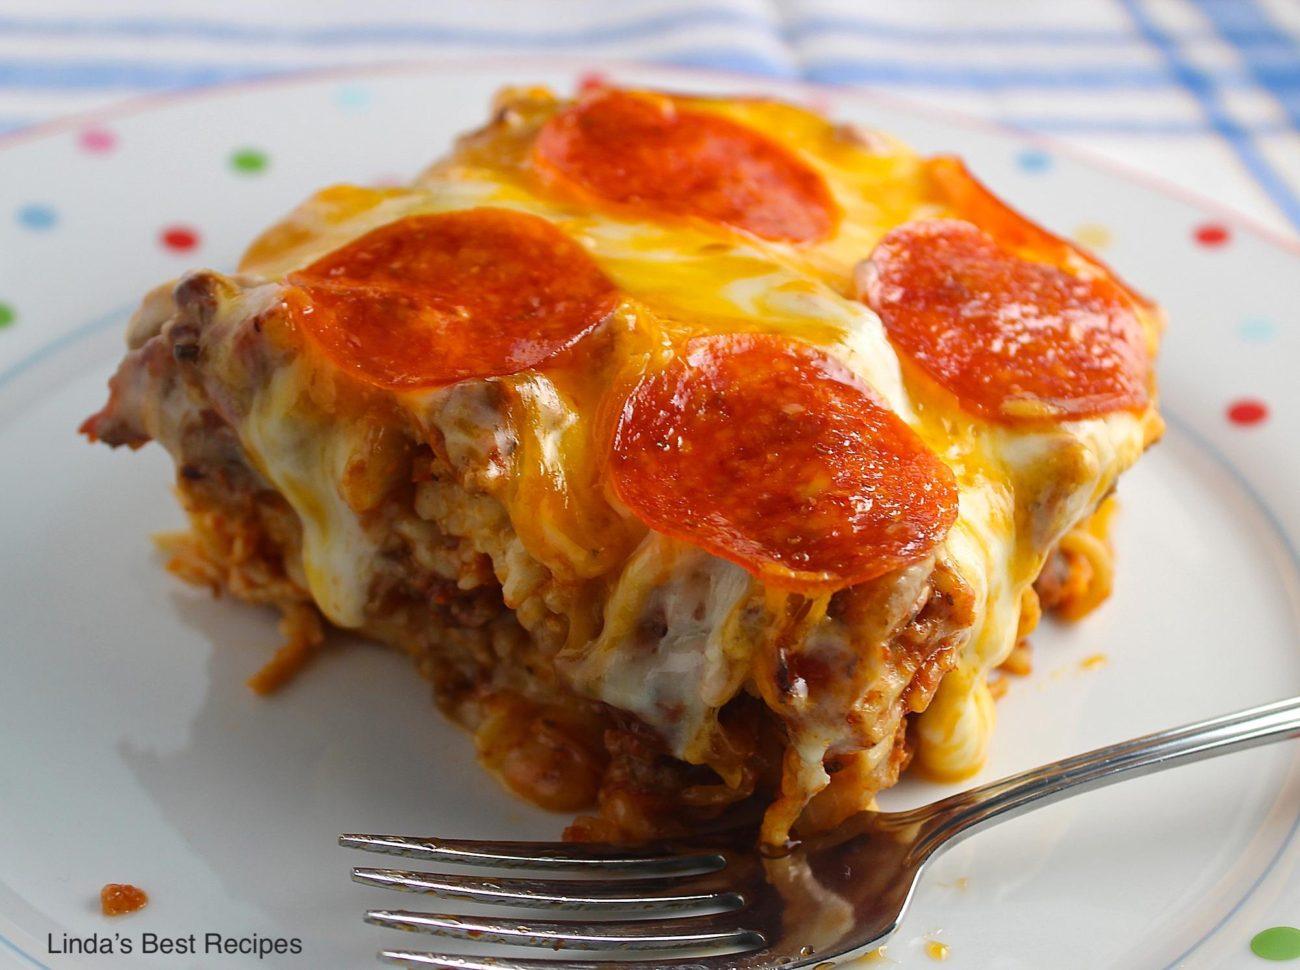 Pizza Spaghetti Style